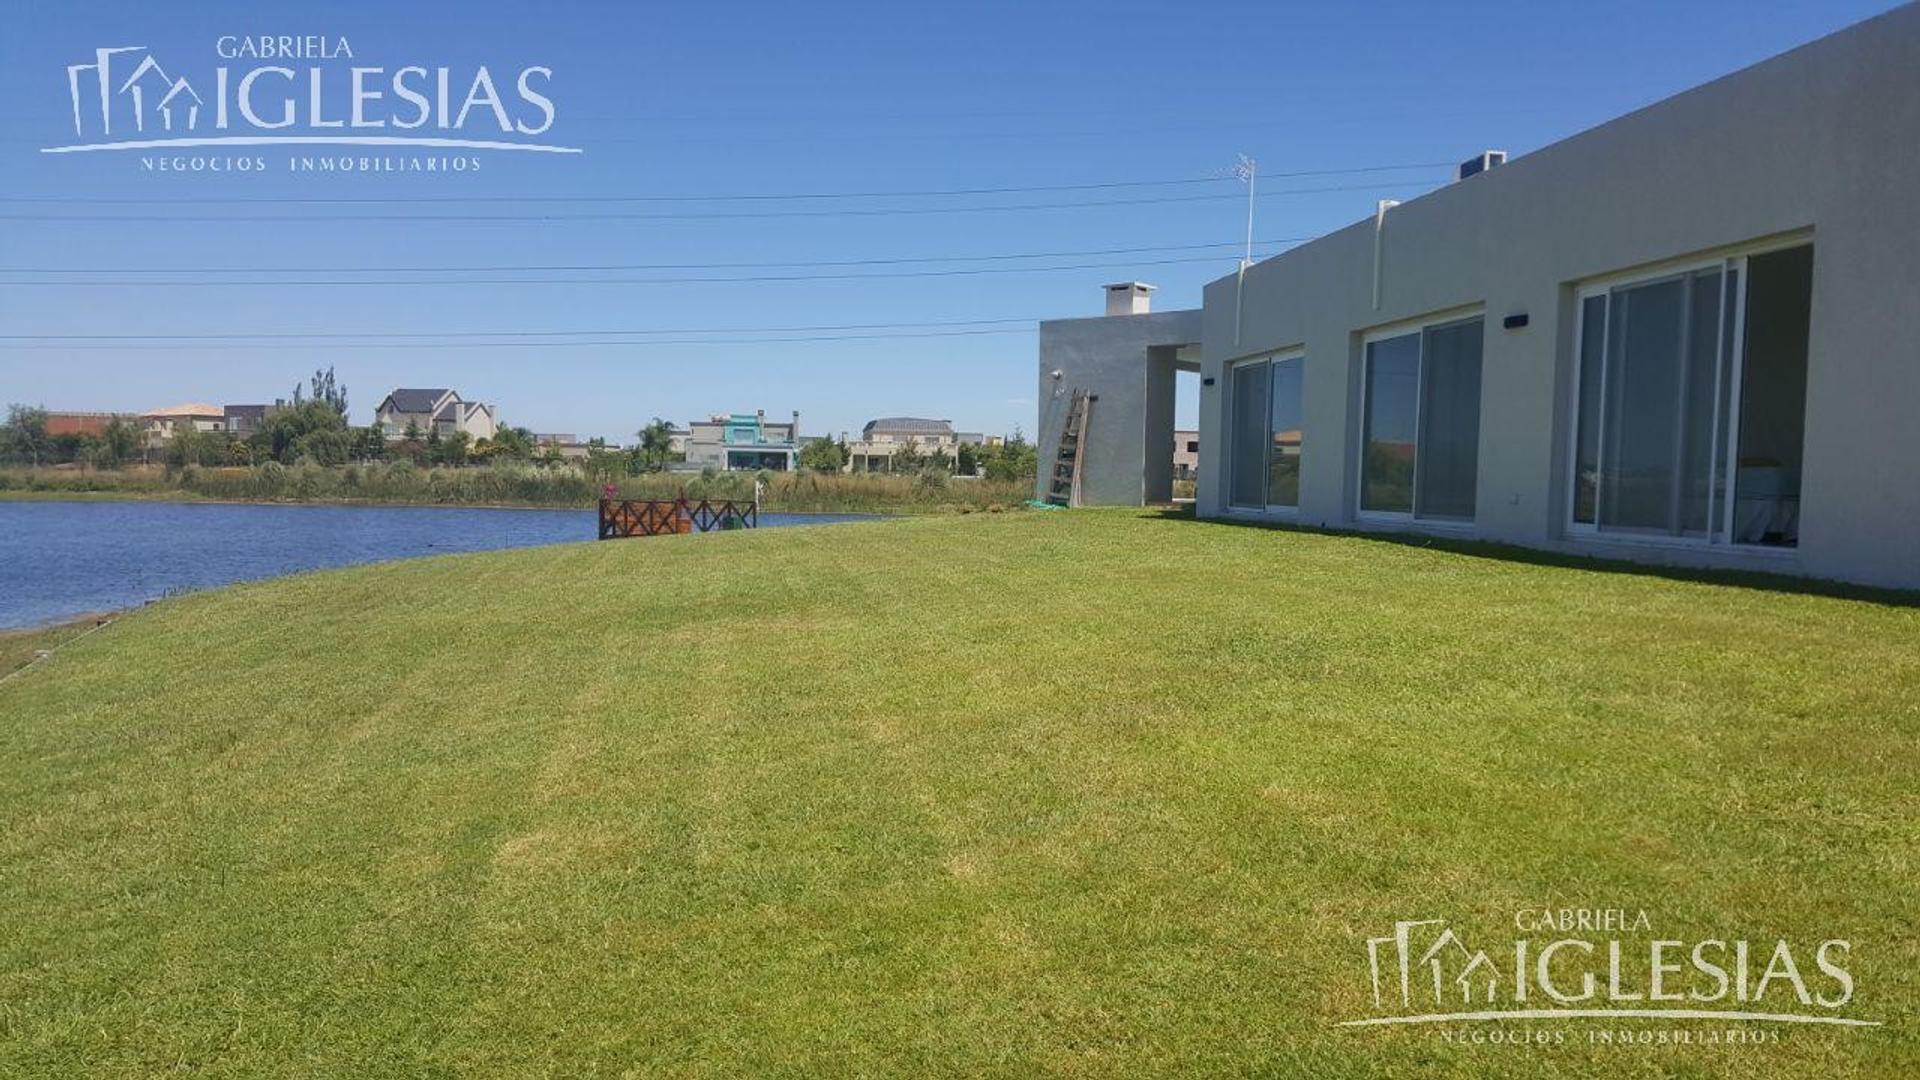 Casa al lago de 3 Dormitorios en Venta en San Gabriel, Tour 360º - Foto 19